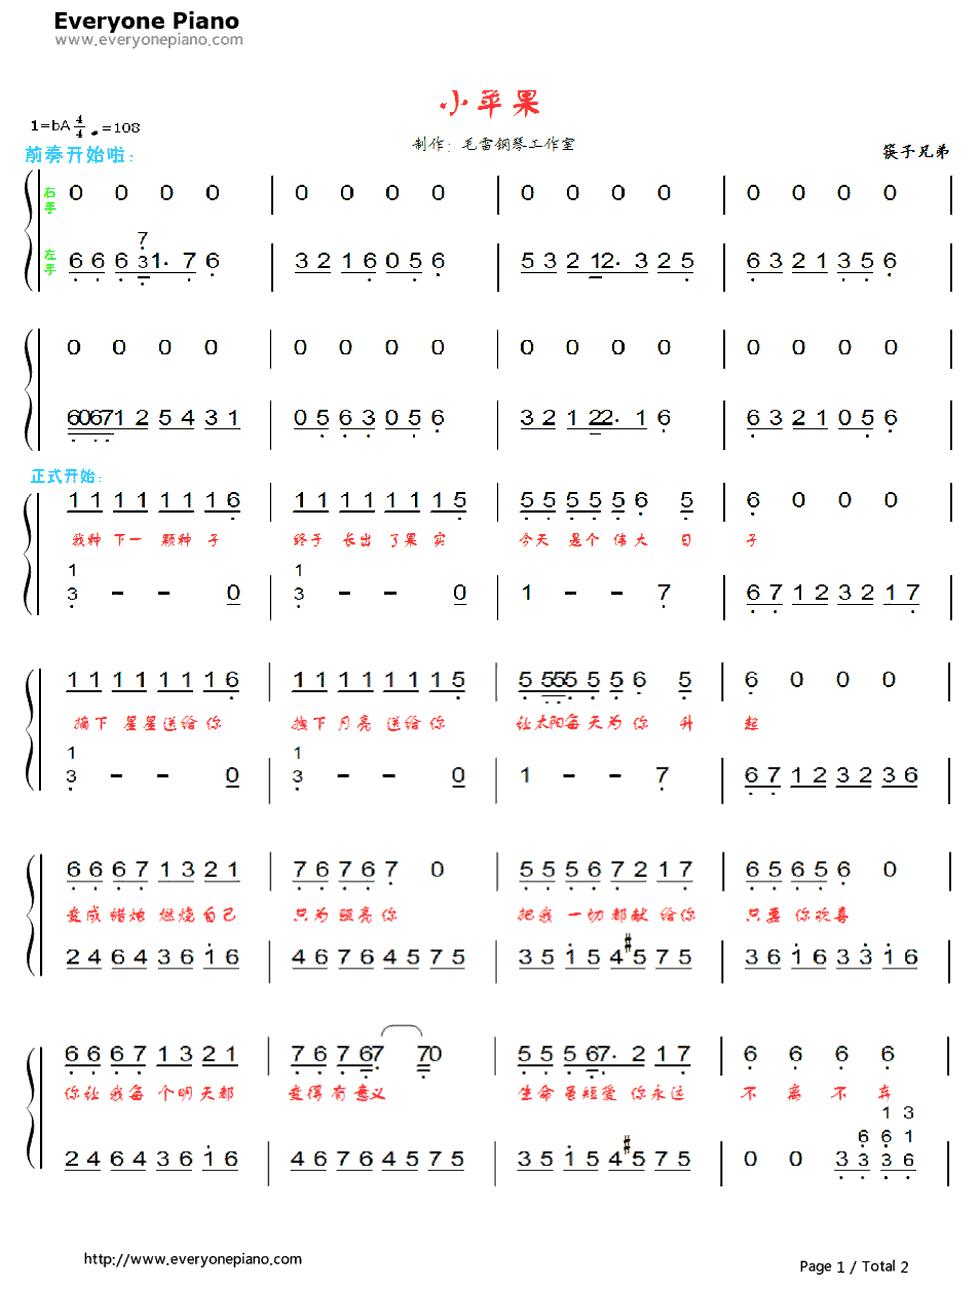 小苹果简谱数字键 儿童电子琴玩,通俗易懂,一看就明白图片